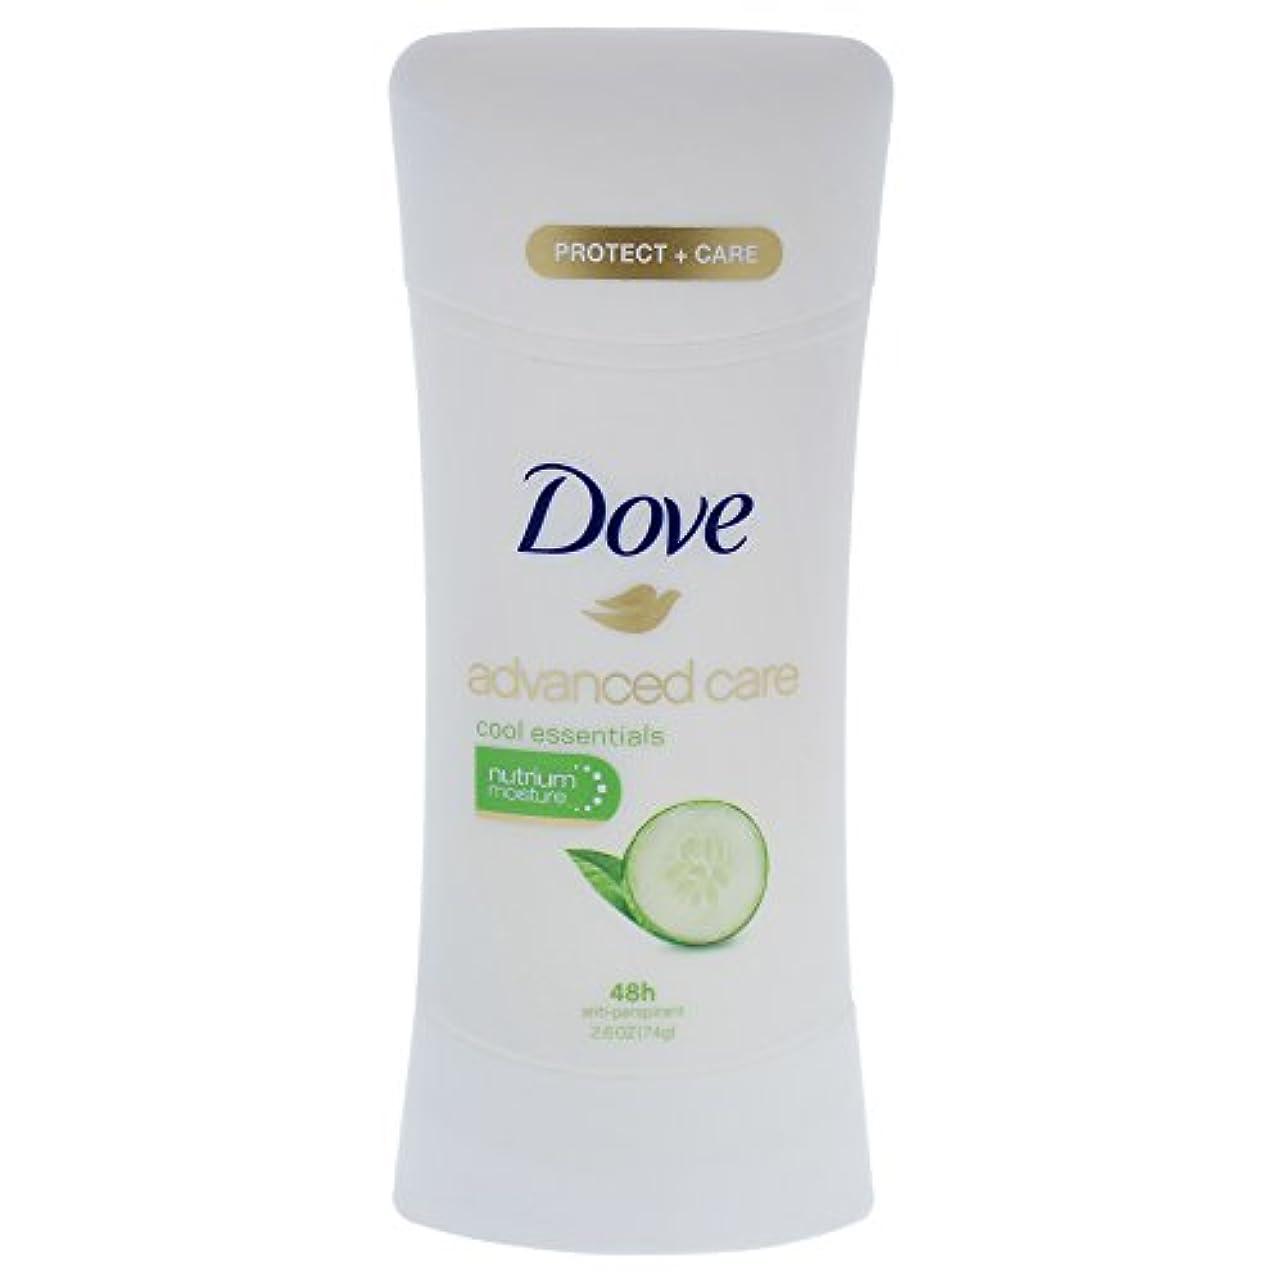 気分が良いトラック程度Dove Advanced Care Cool Essentials Deodorant - 2.6oz ダブ アドバンスド ケア クールエッセンシャル デオドラント 74g [並行輸入品]